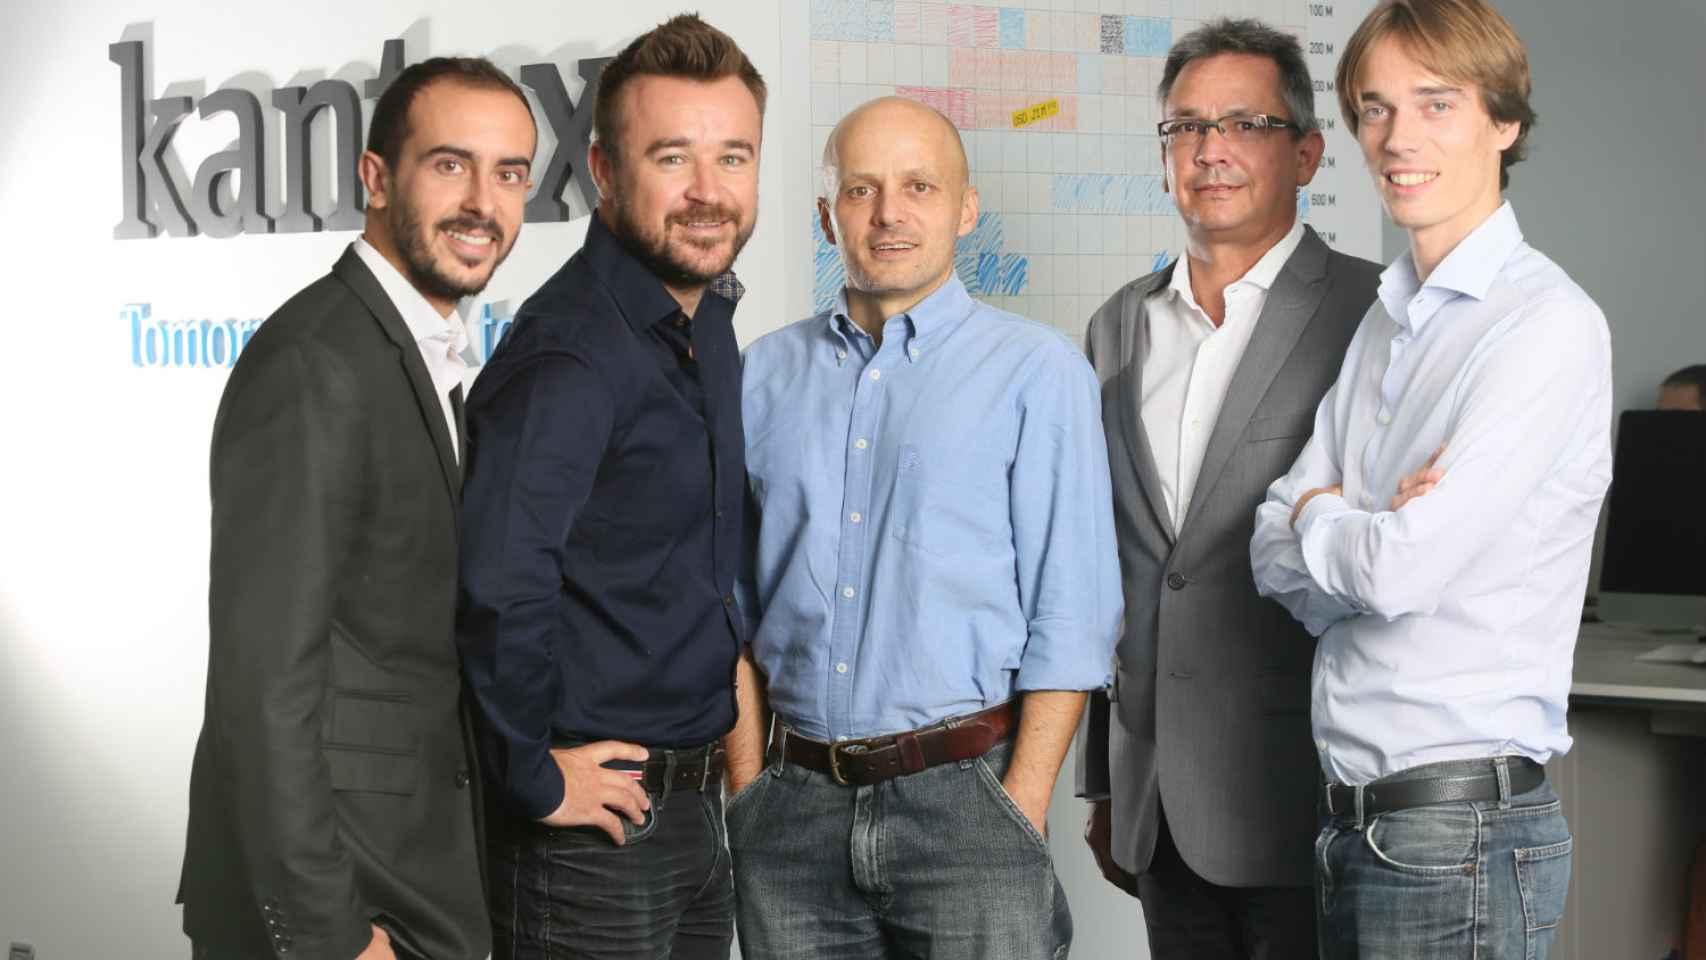 Los cinco cofundadores de Kantox.